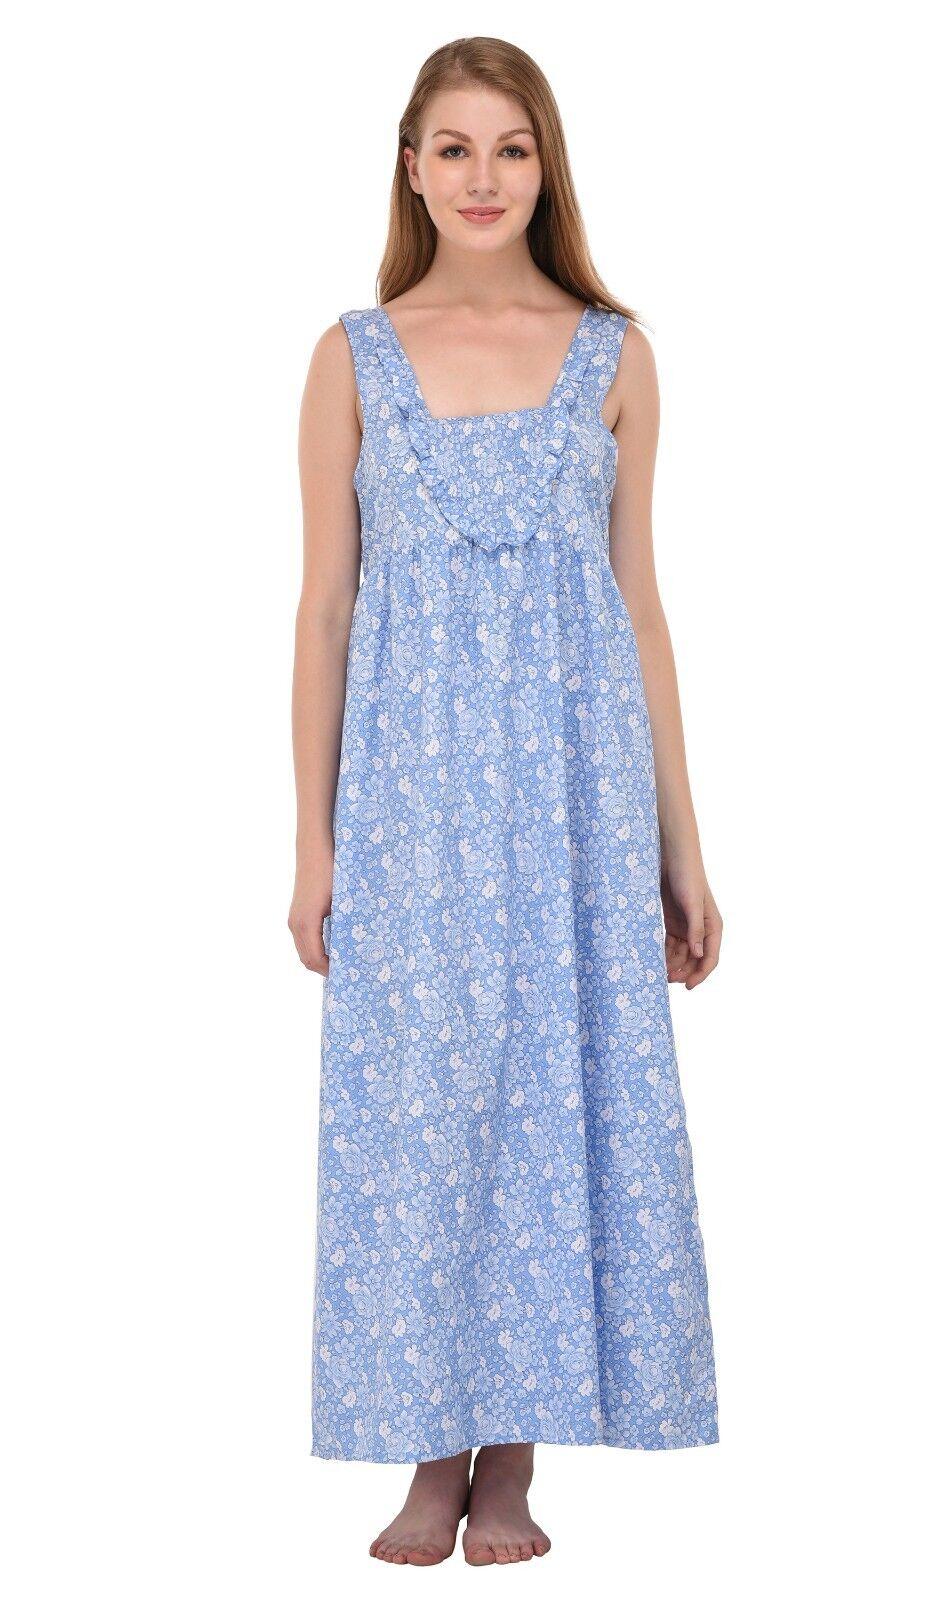 Pure Cotton Printed Sleeveless Nightdress   Cotton Lane